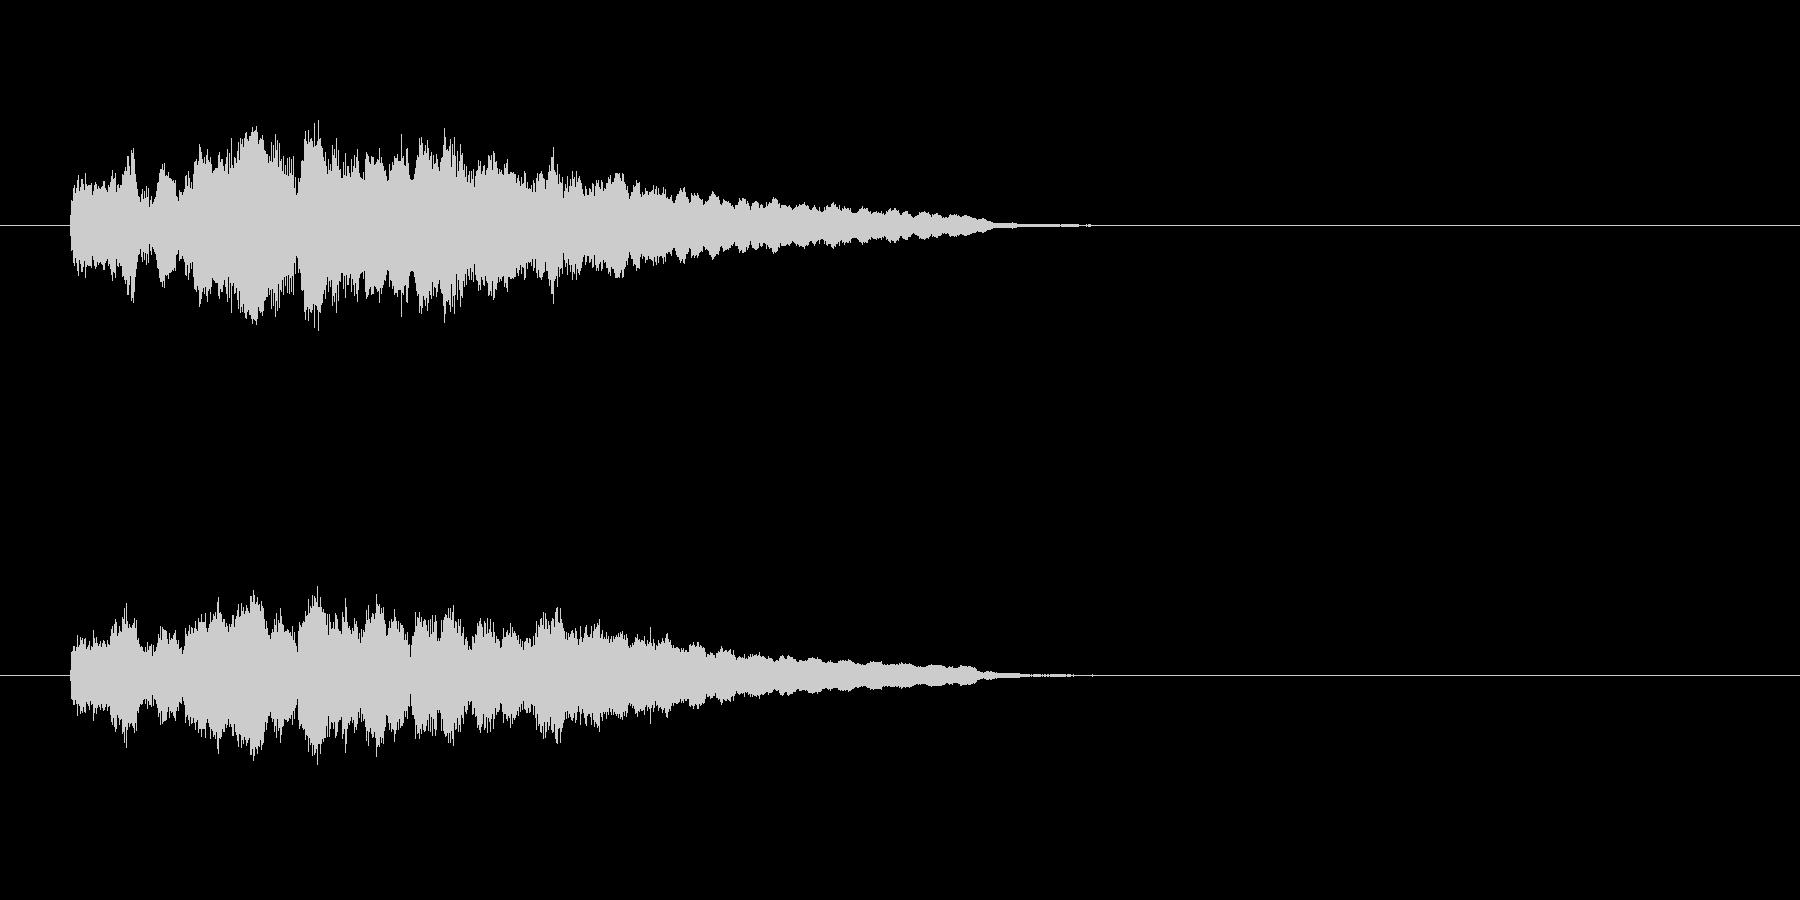 ジングル(軽やかコーナーアタック風)の未再生の波形